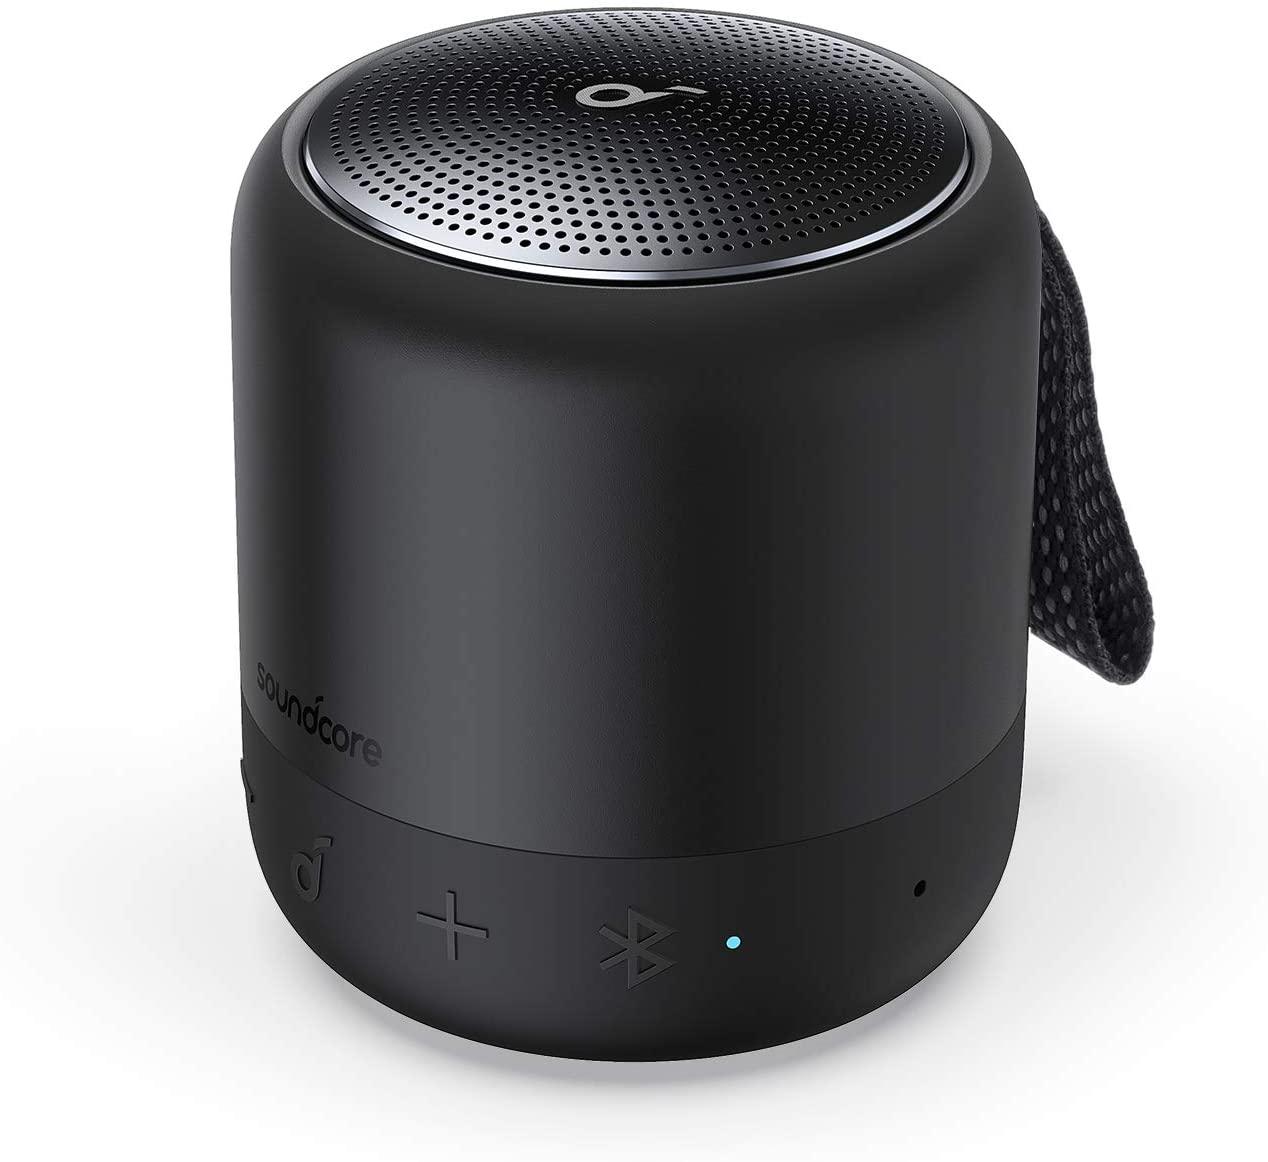 スピーカー anker ブルートゥース スマートフォン 新品未使用 ワイヤレス おしゃれ Bluetooth Anker Soundcore コンパクト 2020 新作 USB-Cポート採用 PartyCast機能 BassUpテクノロジー Mini IPX7防水 イコライザー設定 3 15時間連続再生